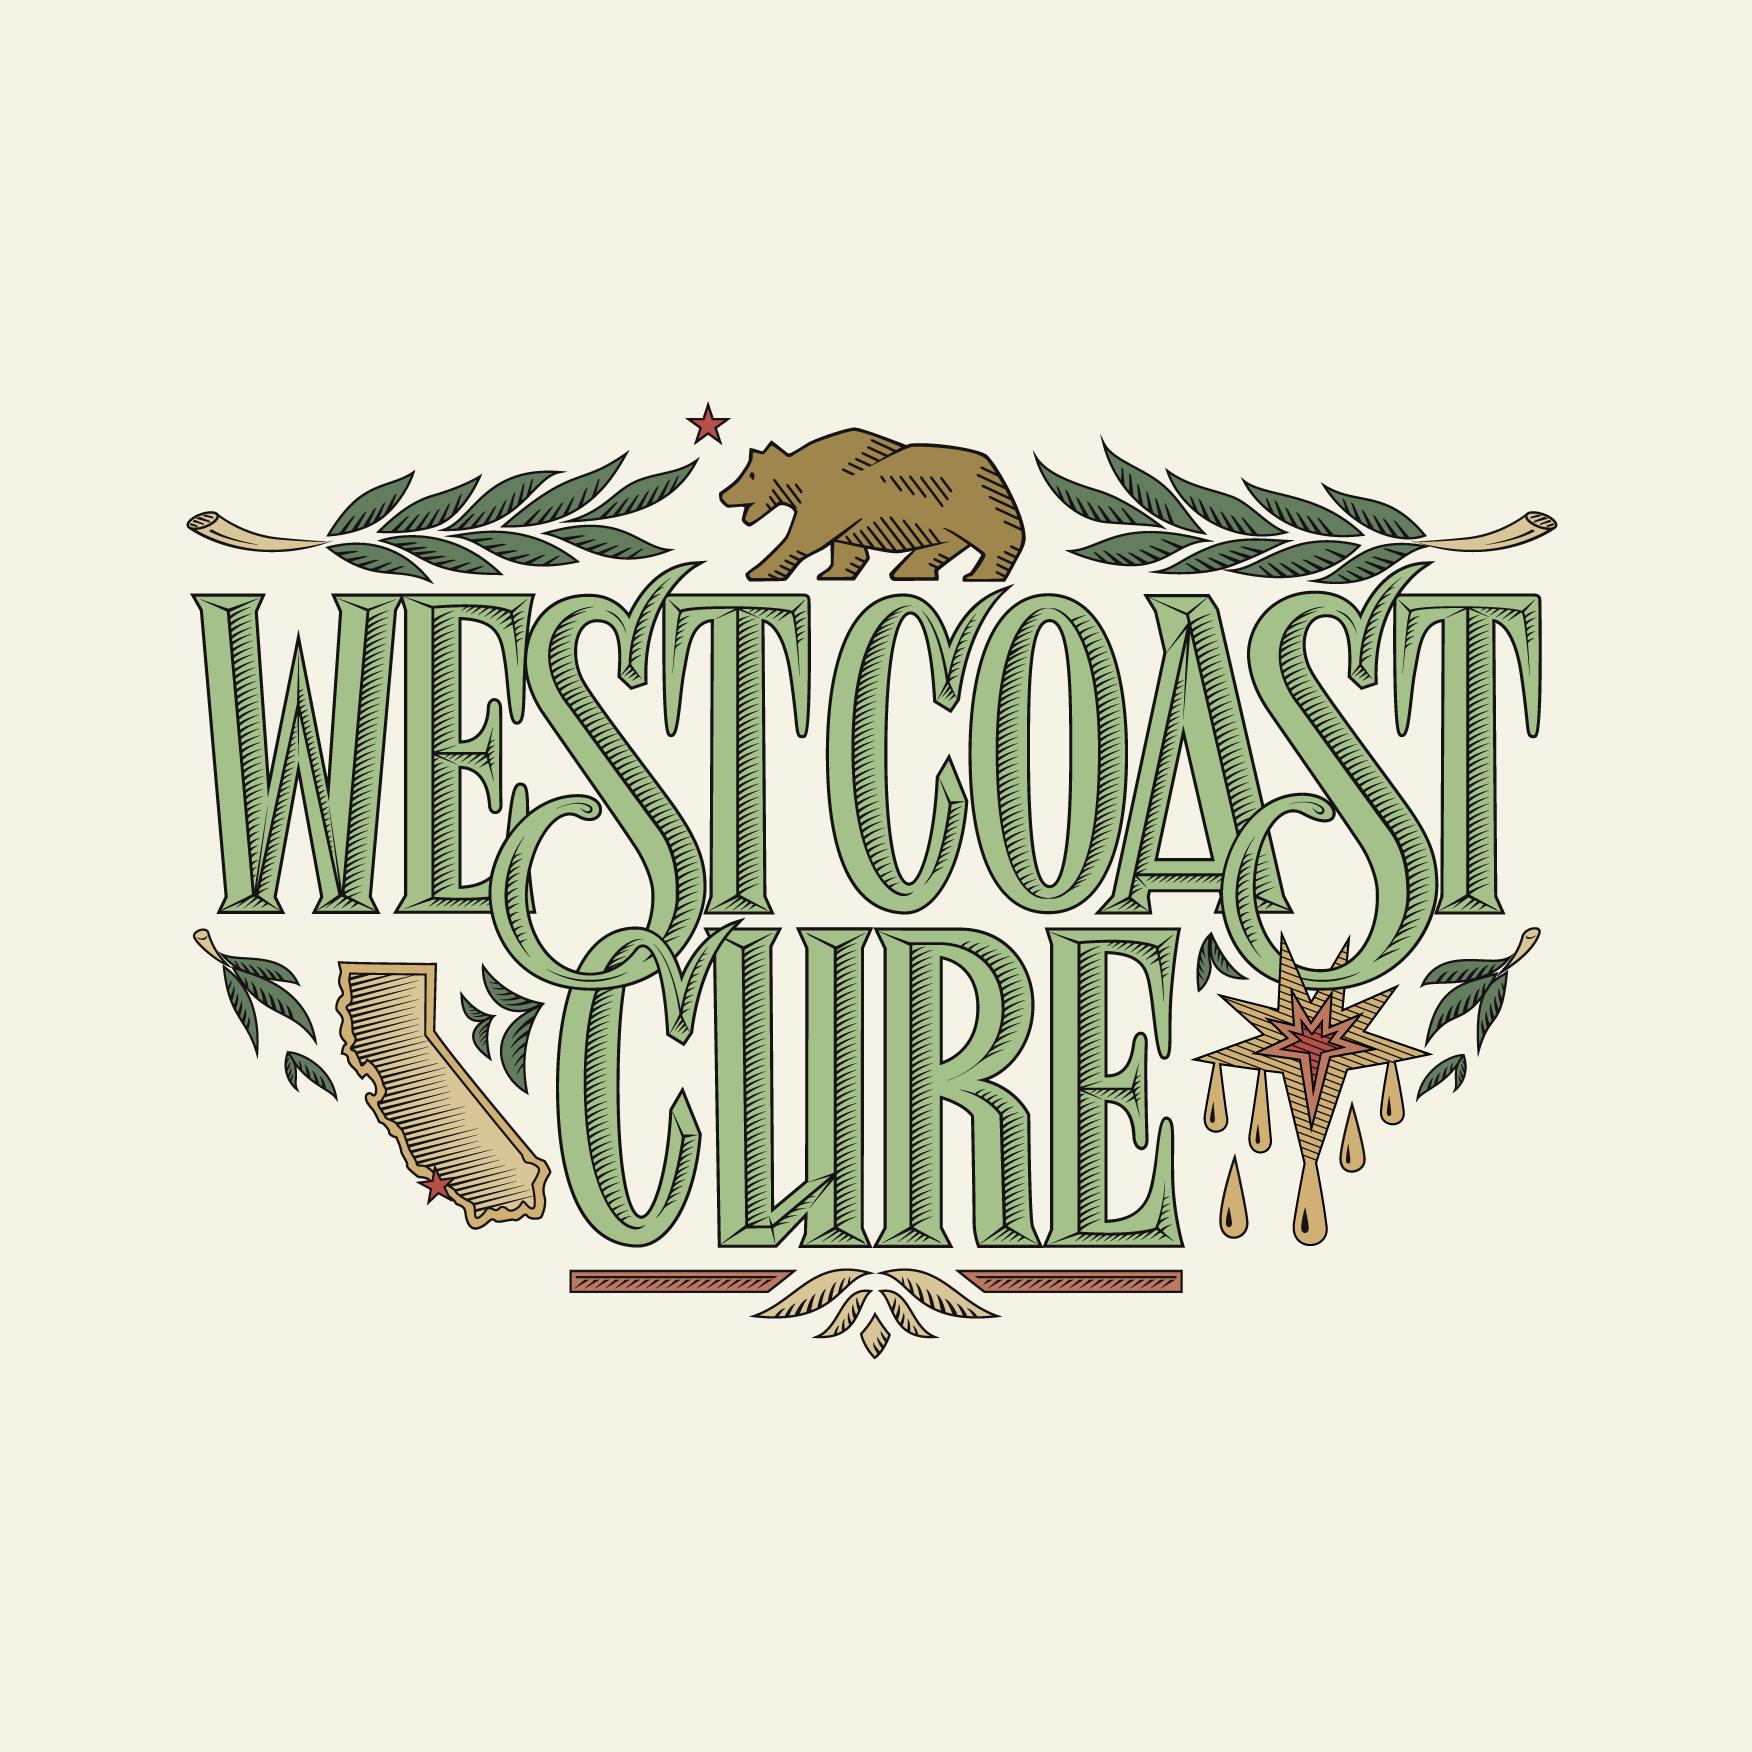 wcc_logo_FINAL.jpg